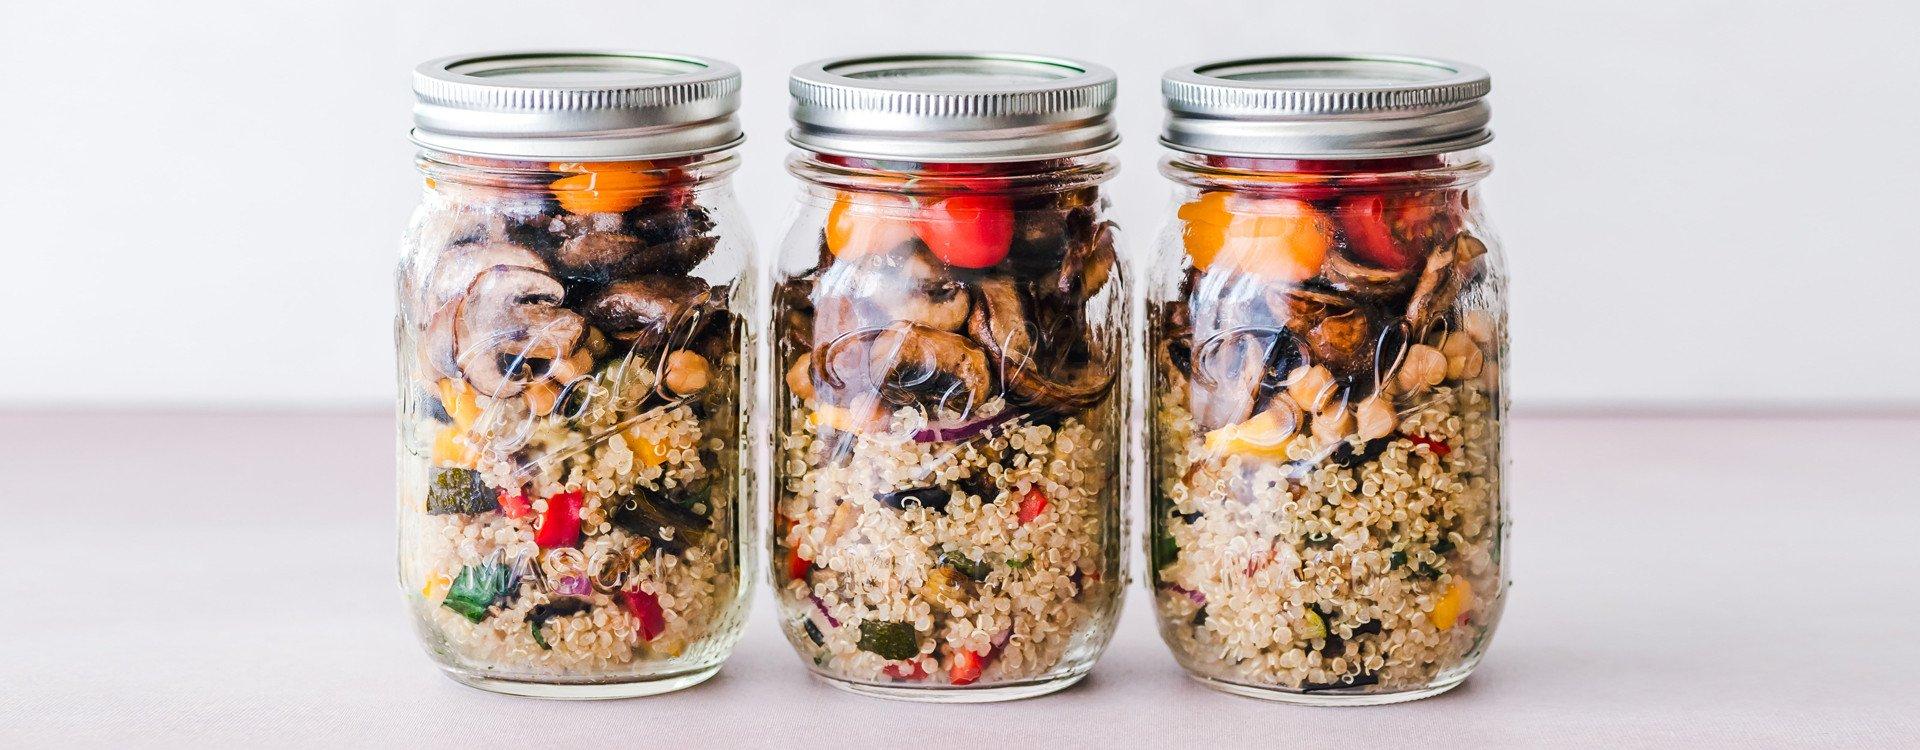 Jak poprawnie przechowywać żywność?